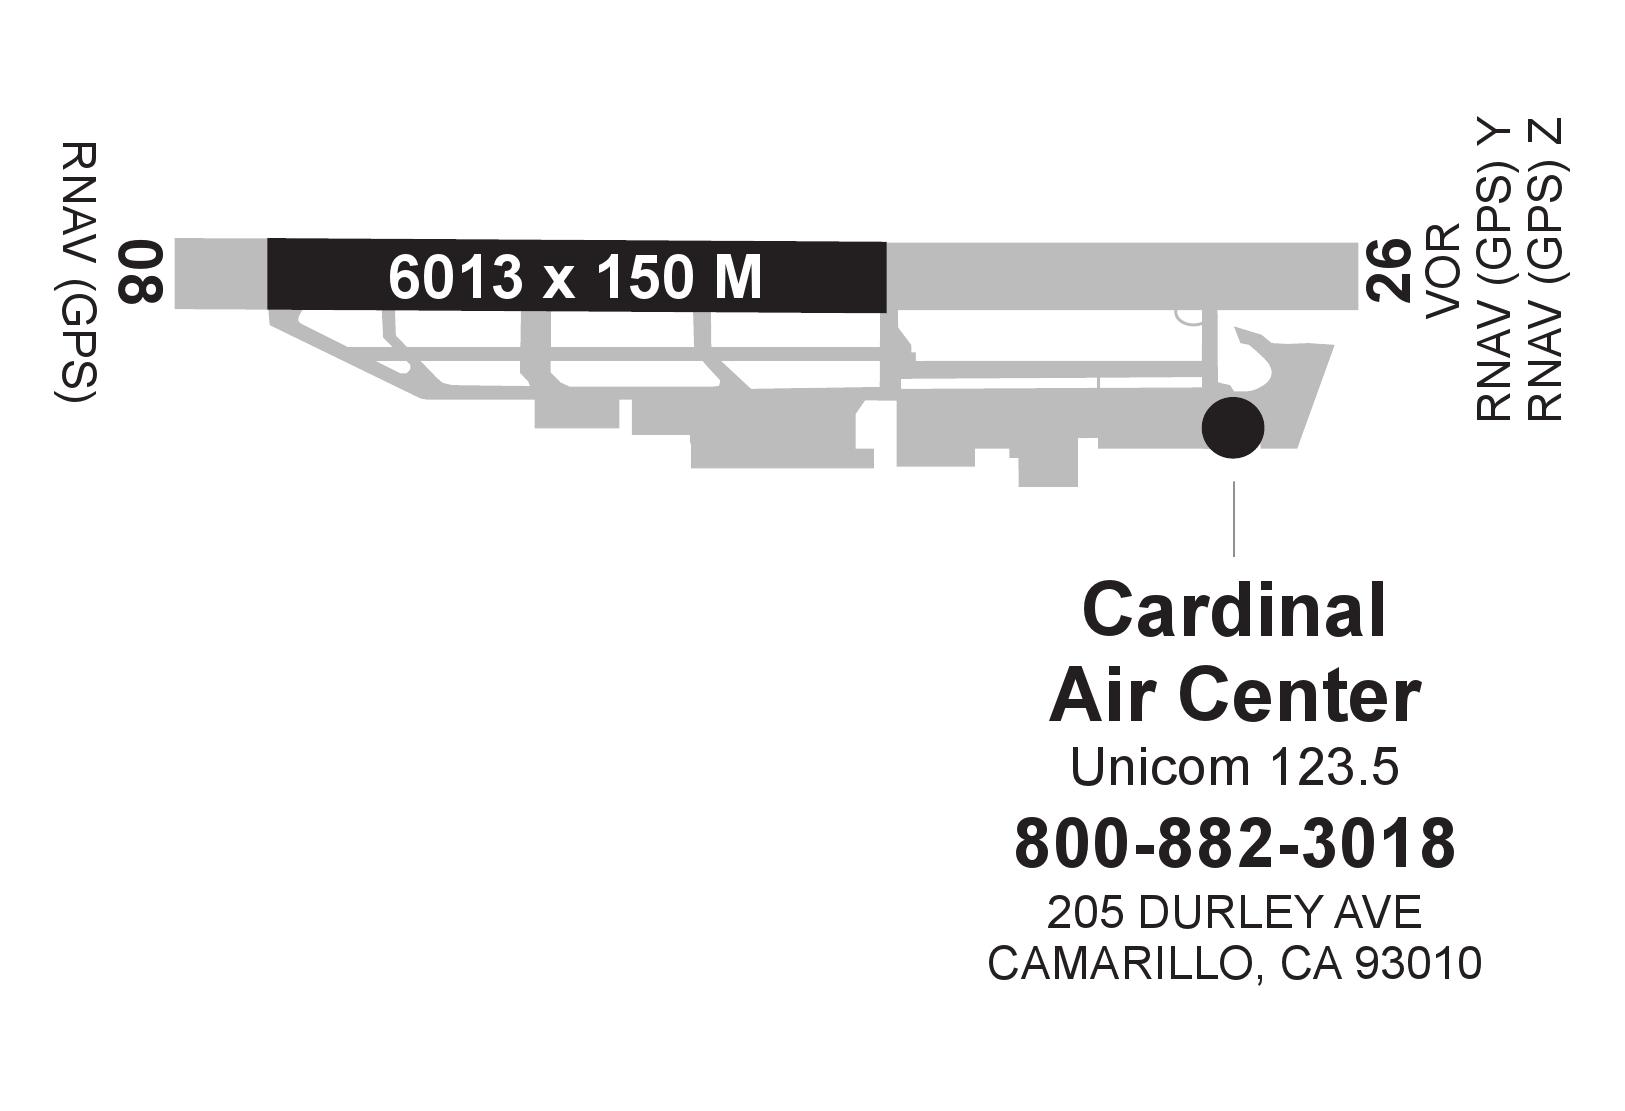 Cardinal Air Center